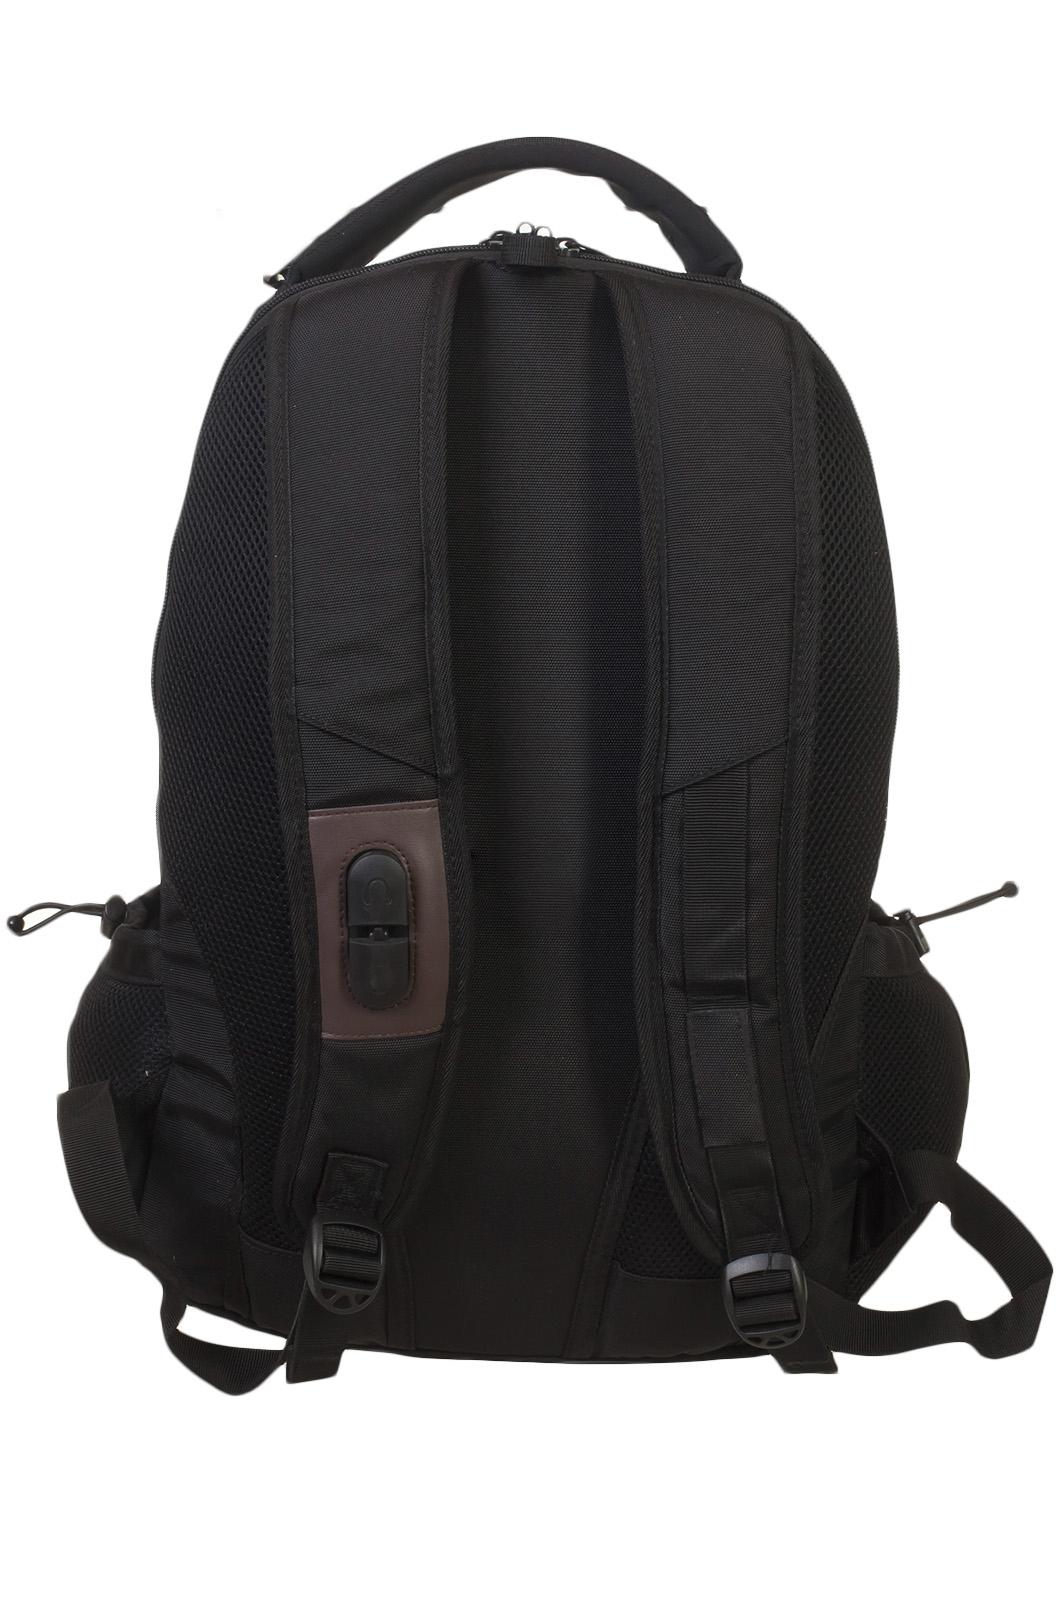 Надежный практичный рюкзак с нашивкой Снайпер - купить по низкой цене